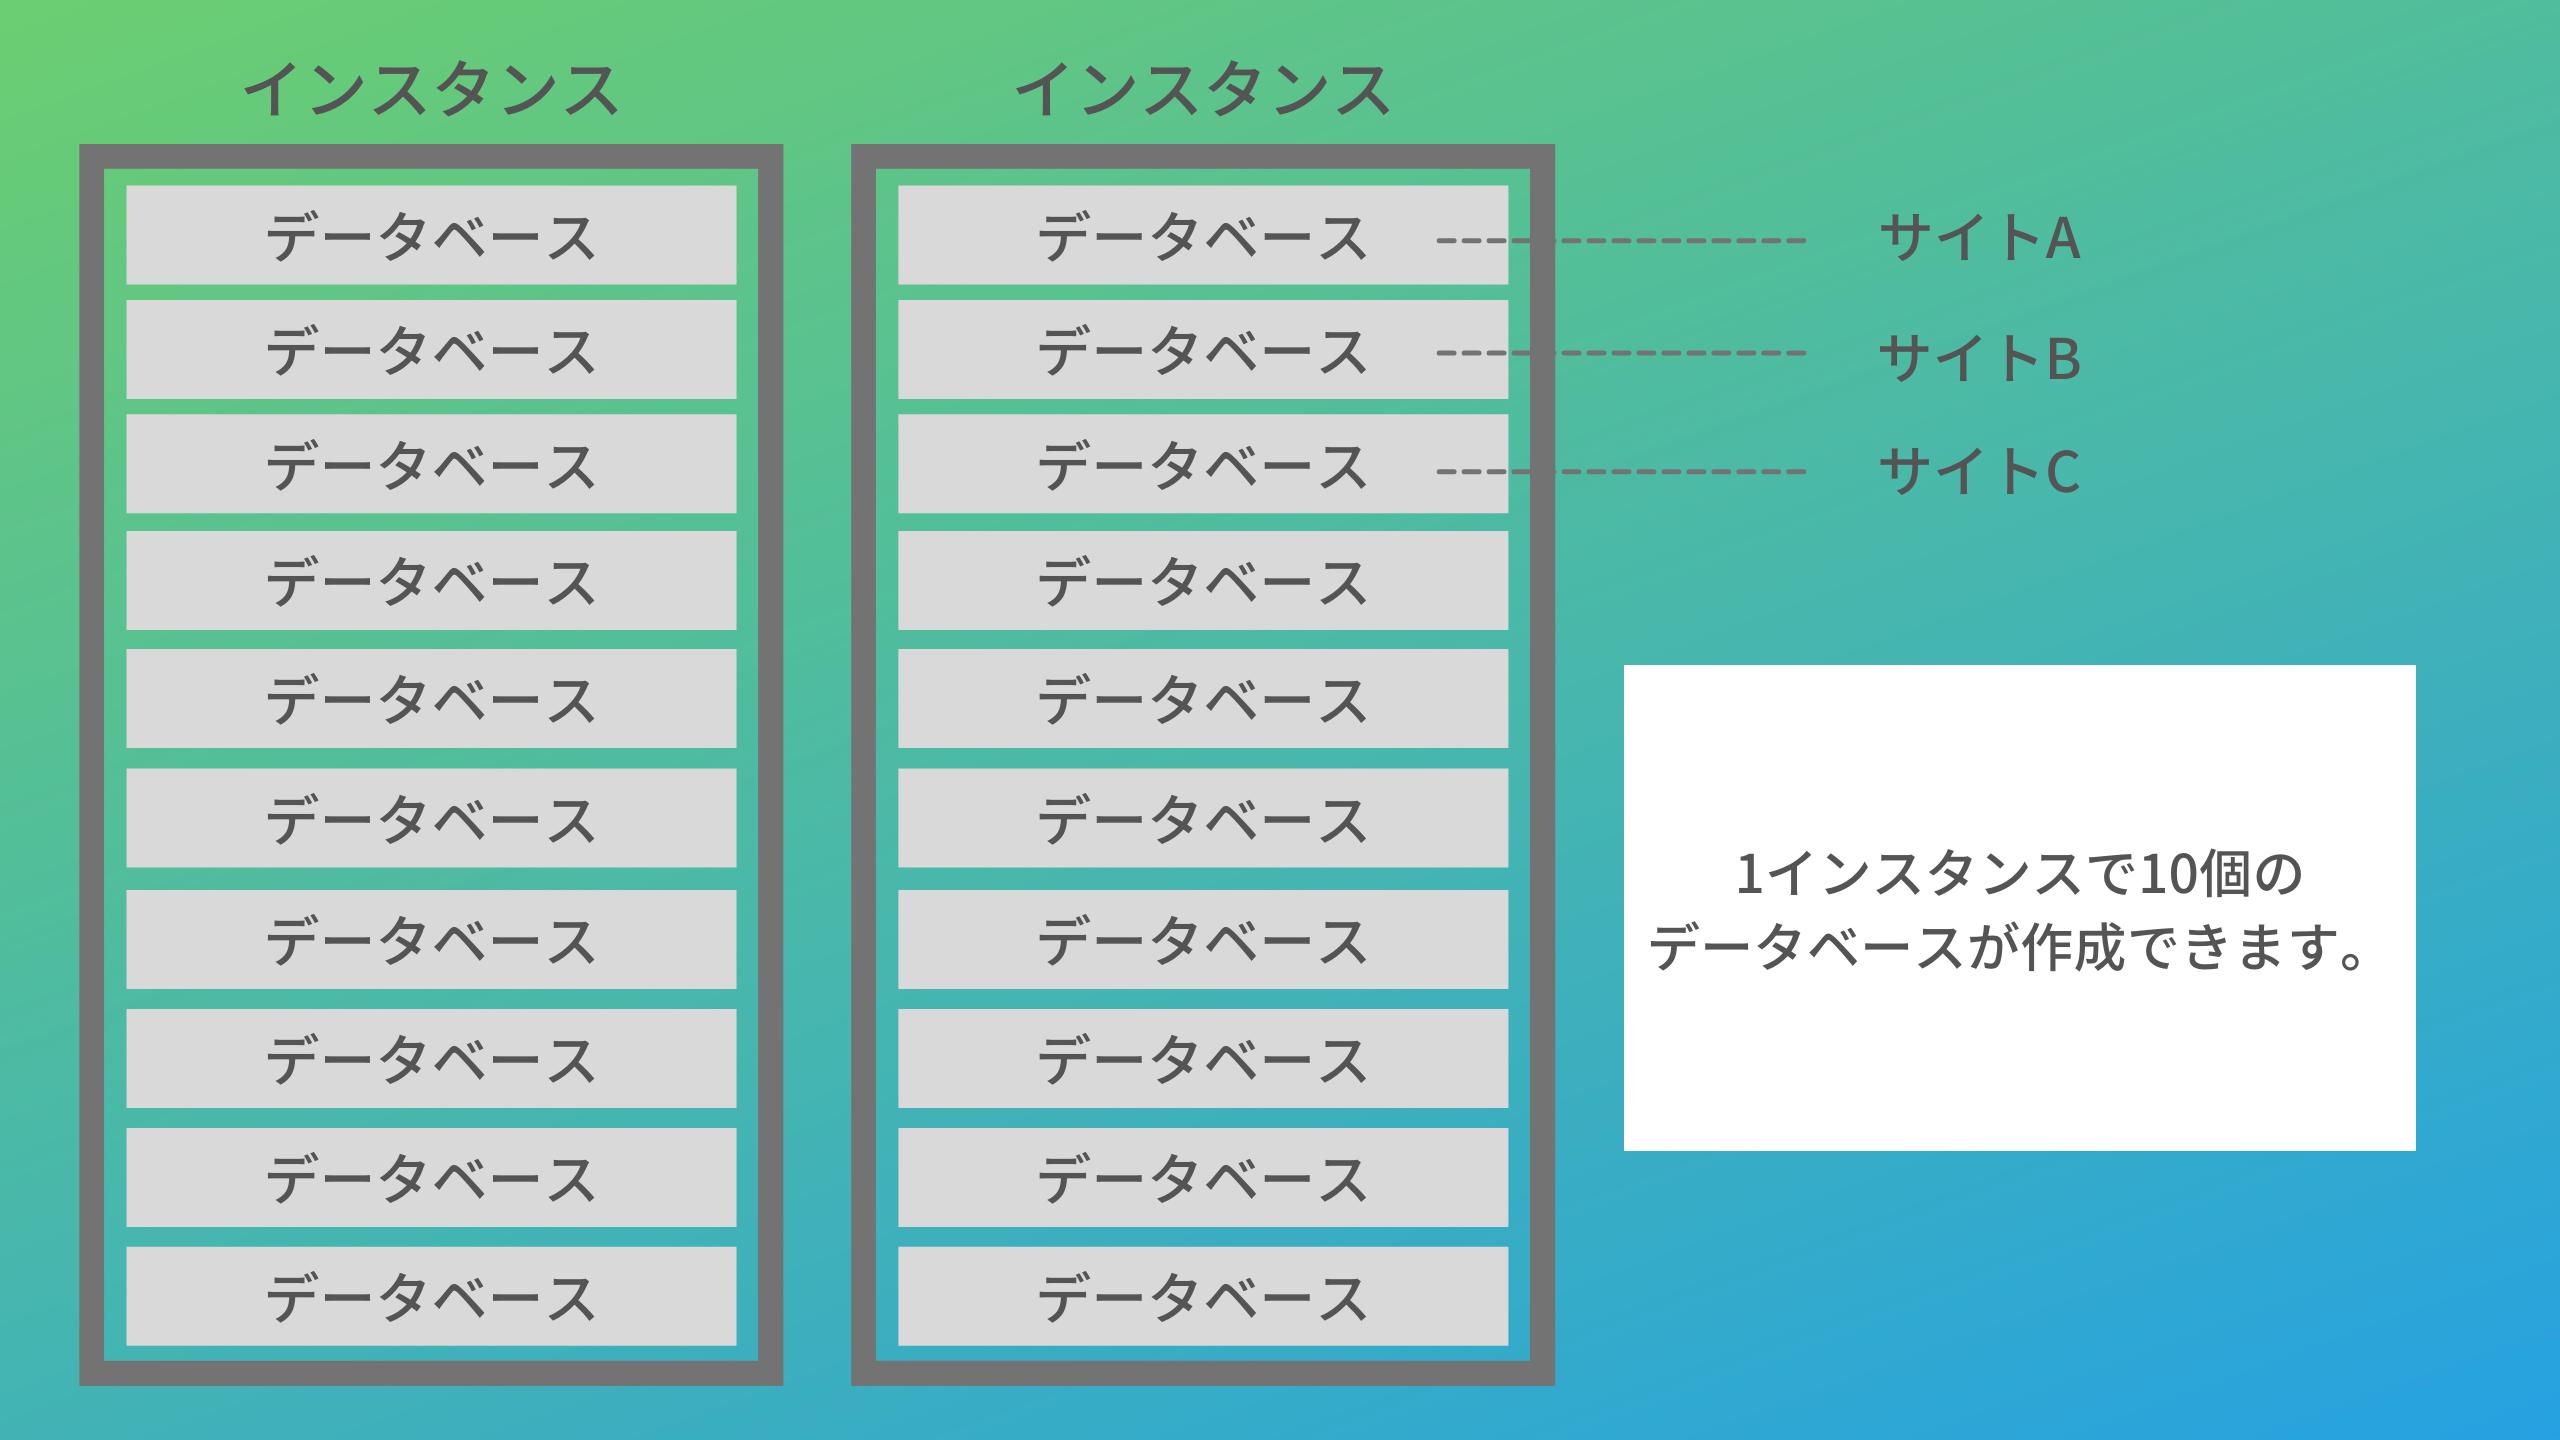 インスタンスデータベースの関係